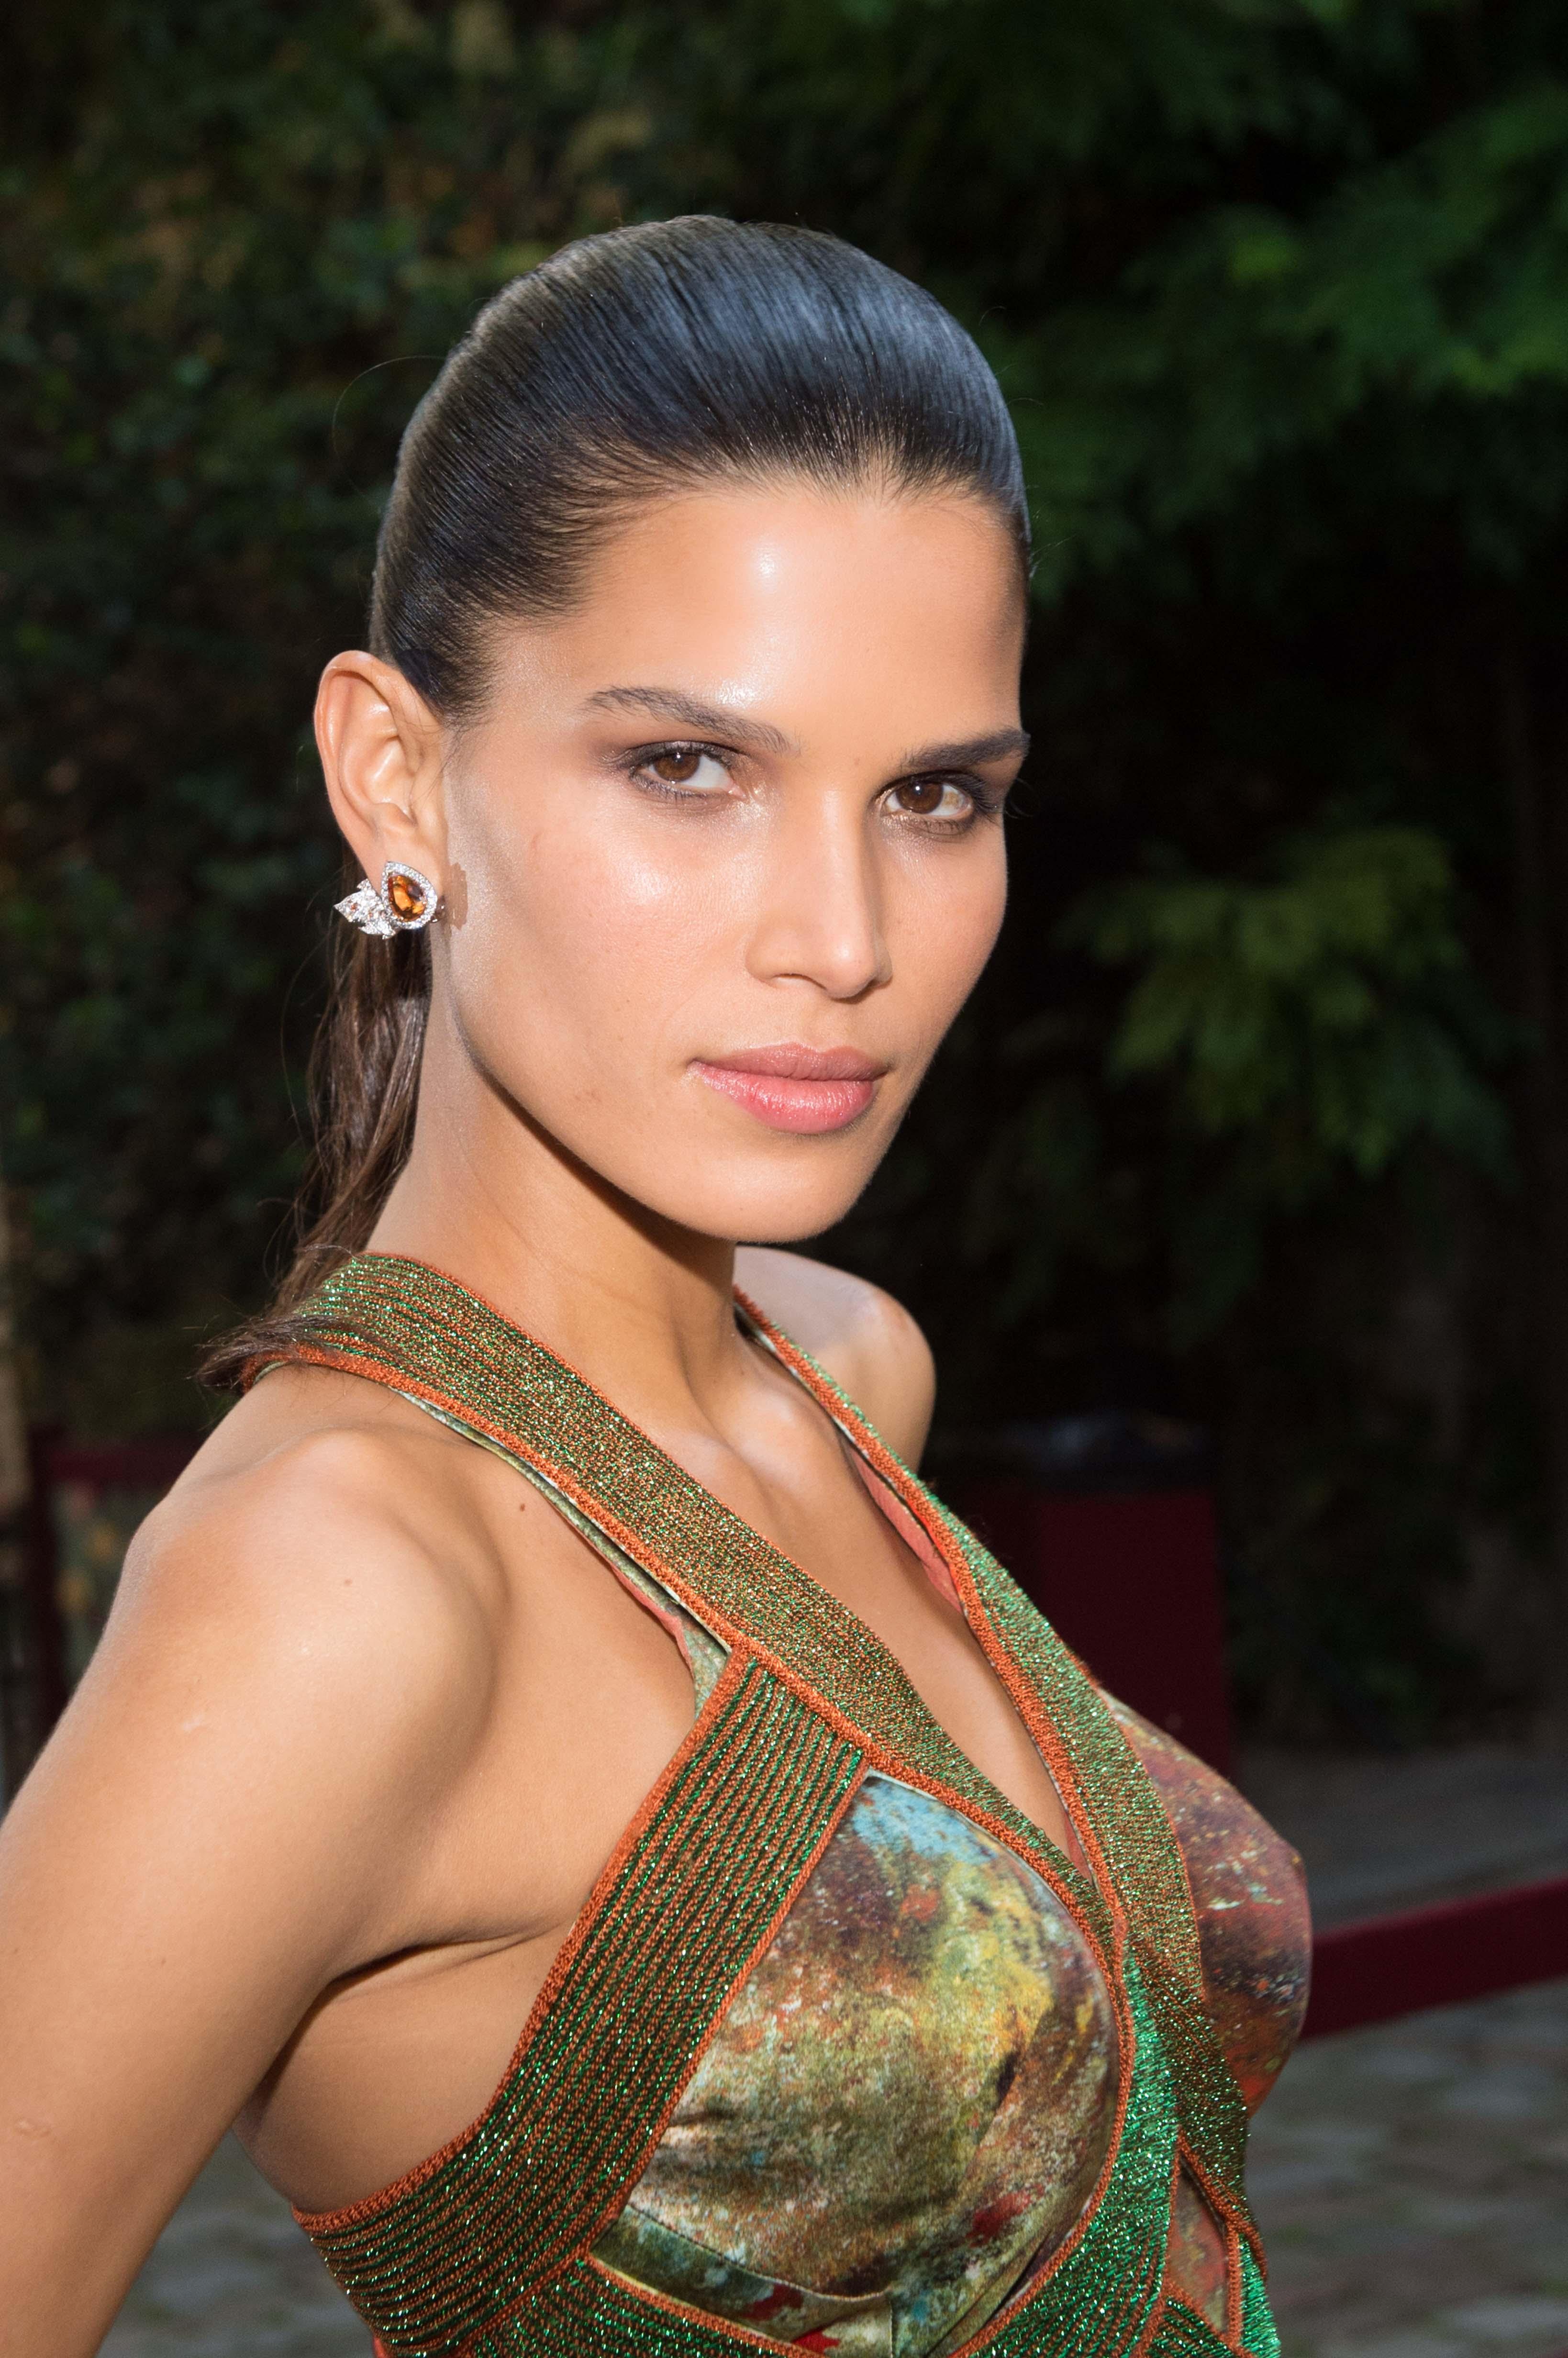 Raica Oliveira